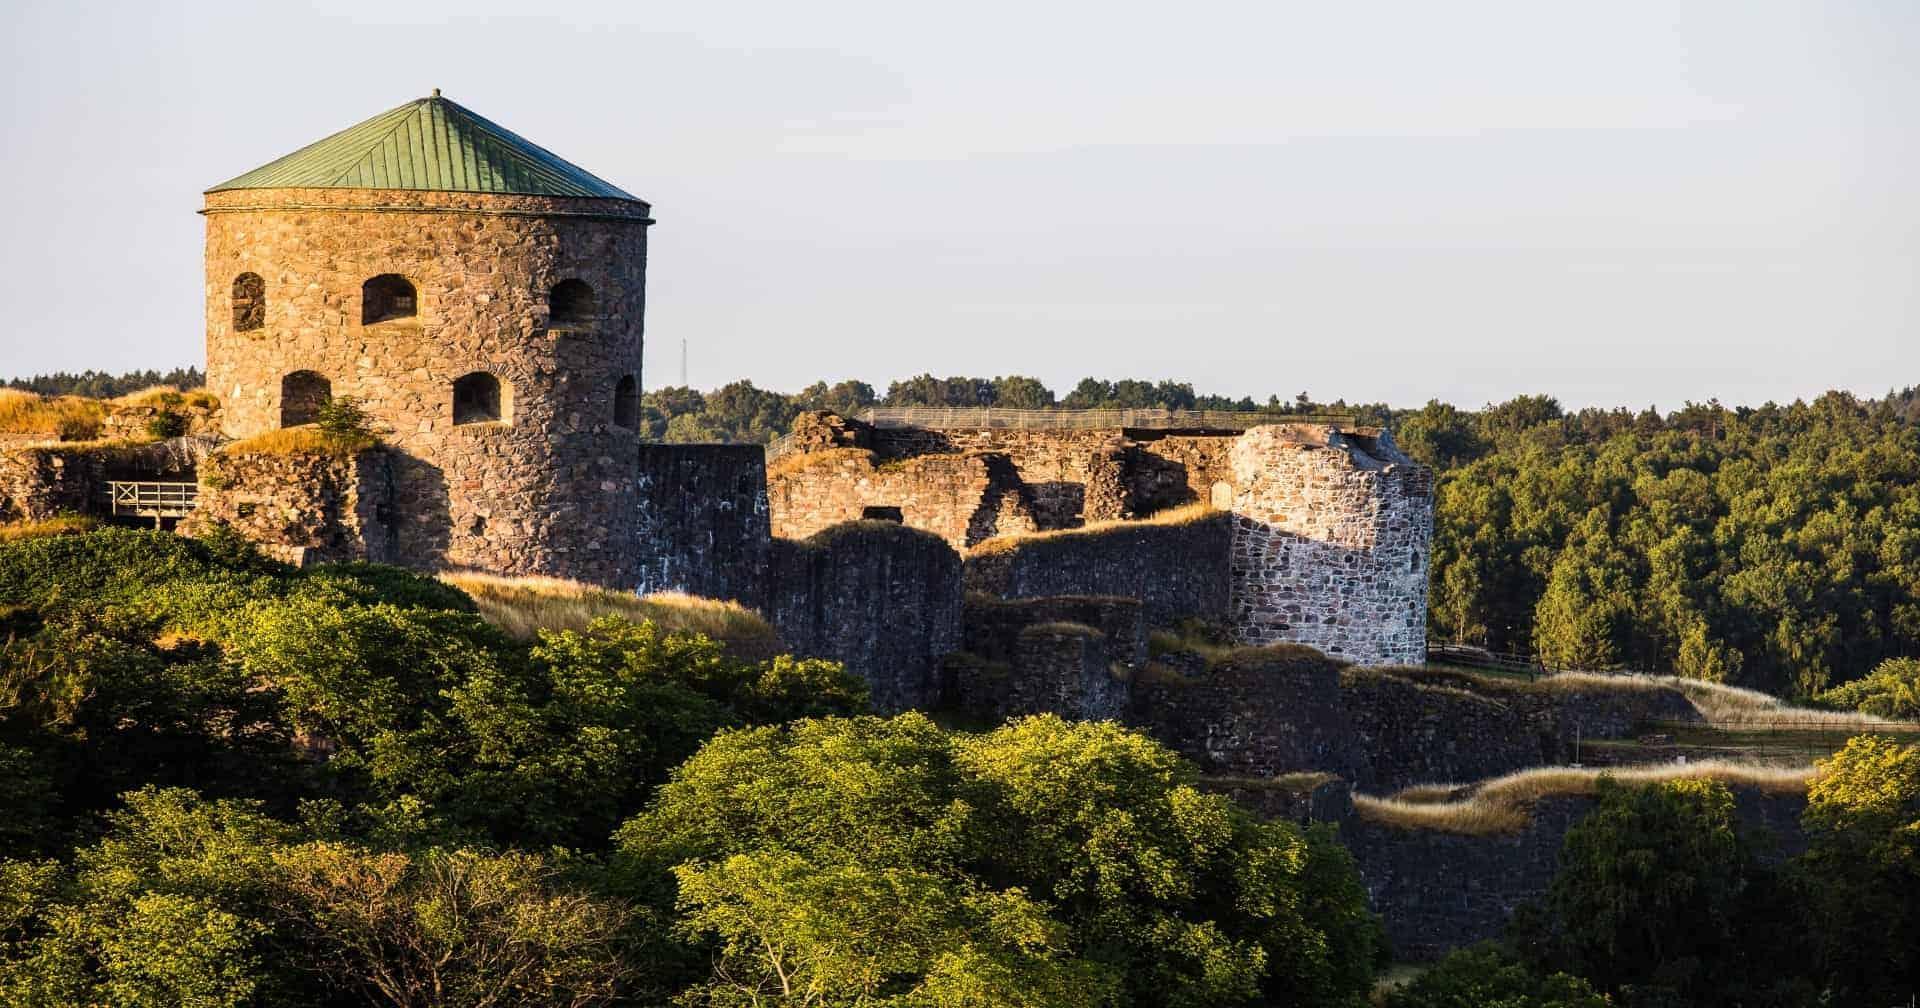 Båhus Fortress